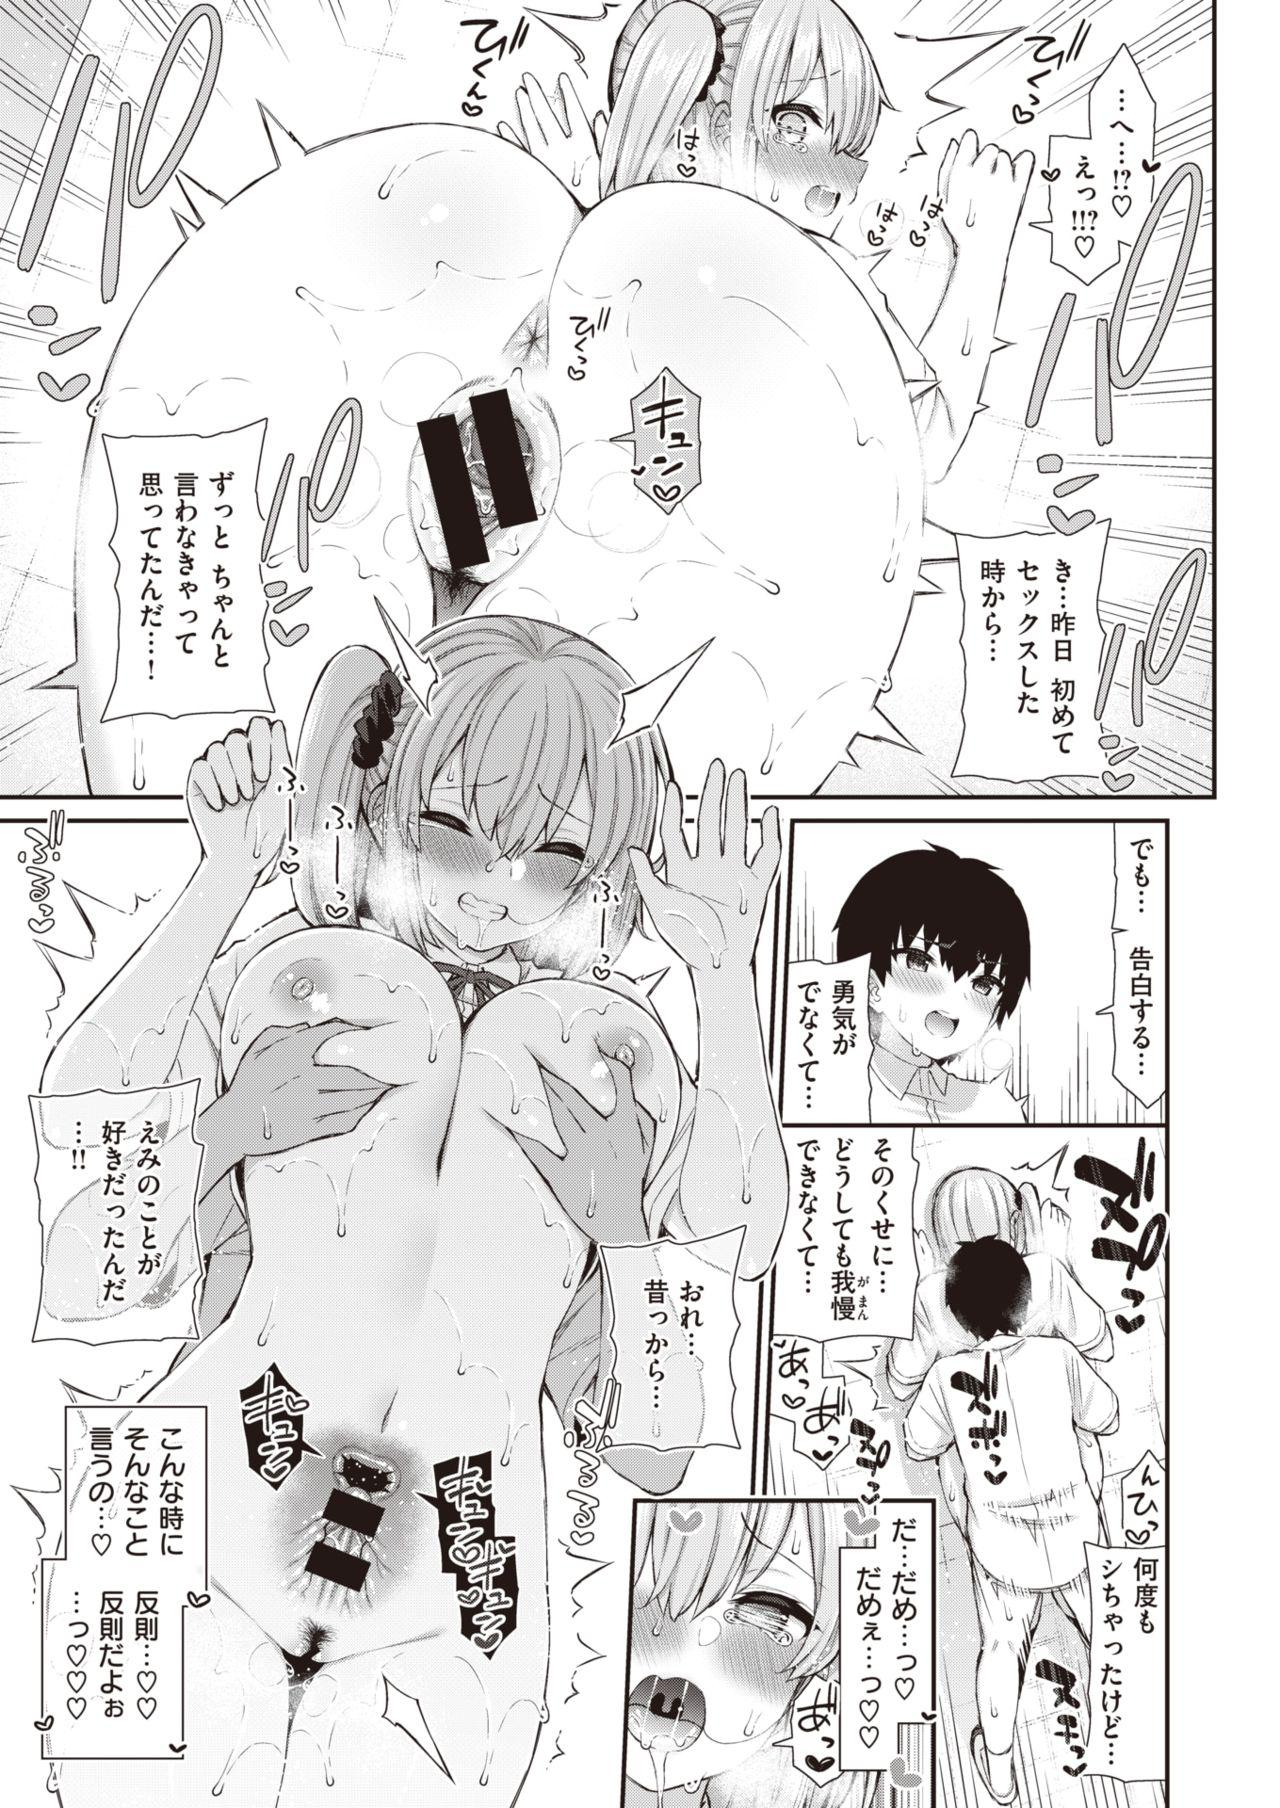 WEEKLY Kairakuten Vol.63 14